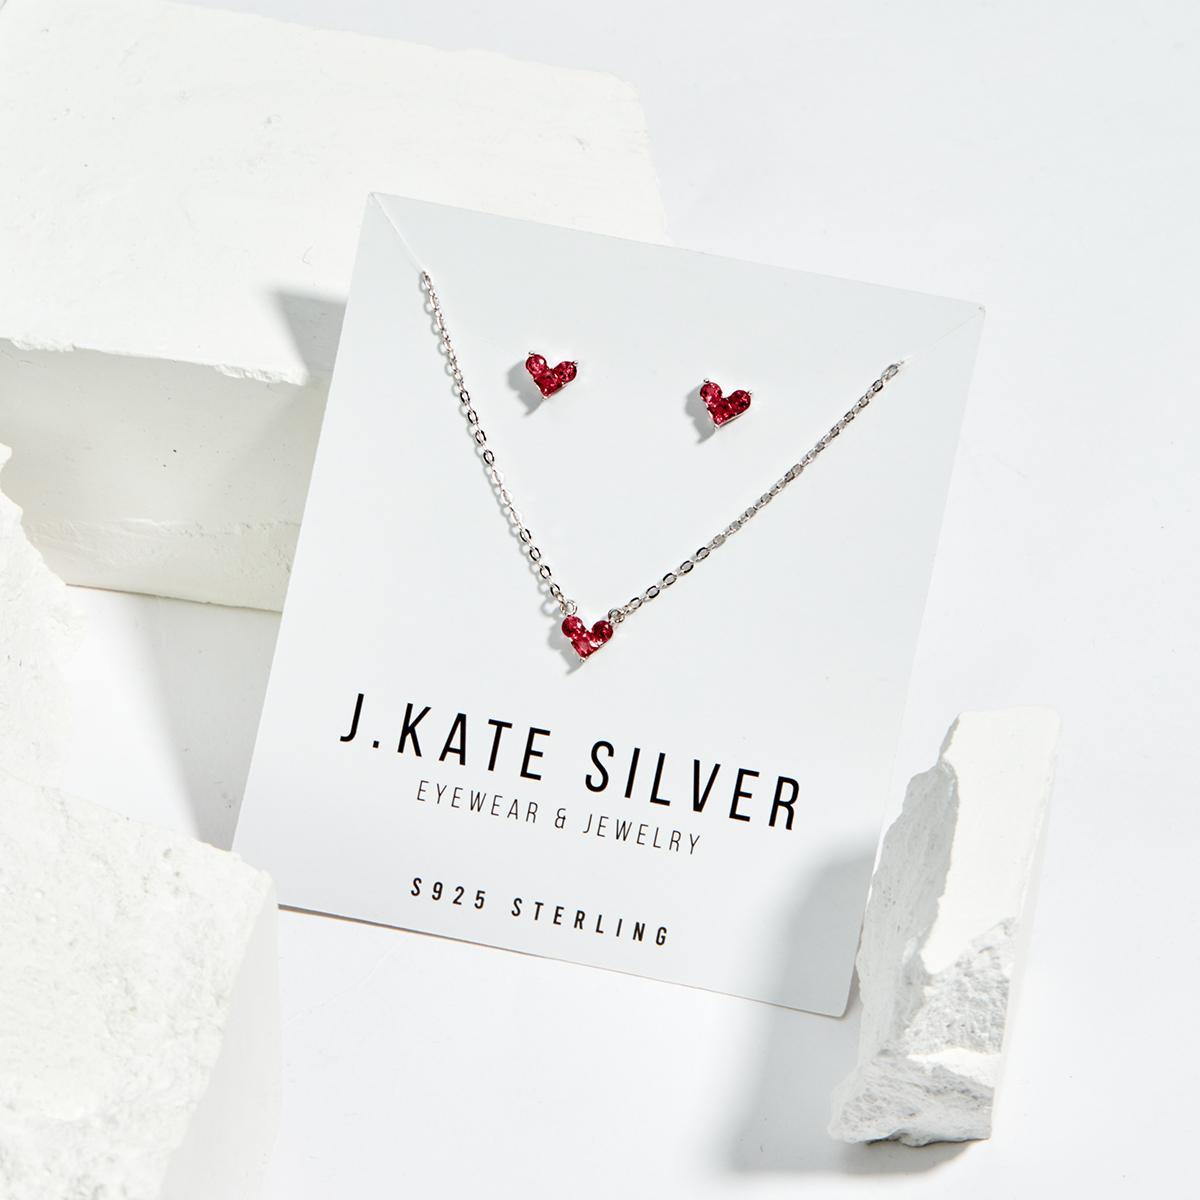 Khuyến mãi flash sale hoa tai bạc JK Silver - Dây chuyền hoặc hoa tai đá zircon kết hợp bạc thật 925 cao cấp-kiểu dáng Korea mẫu mới 2019 J27